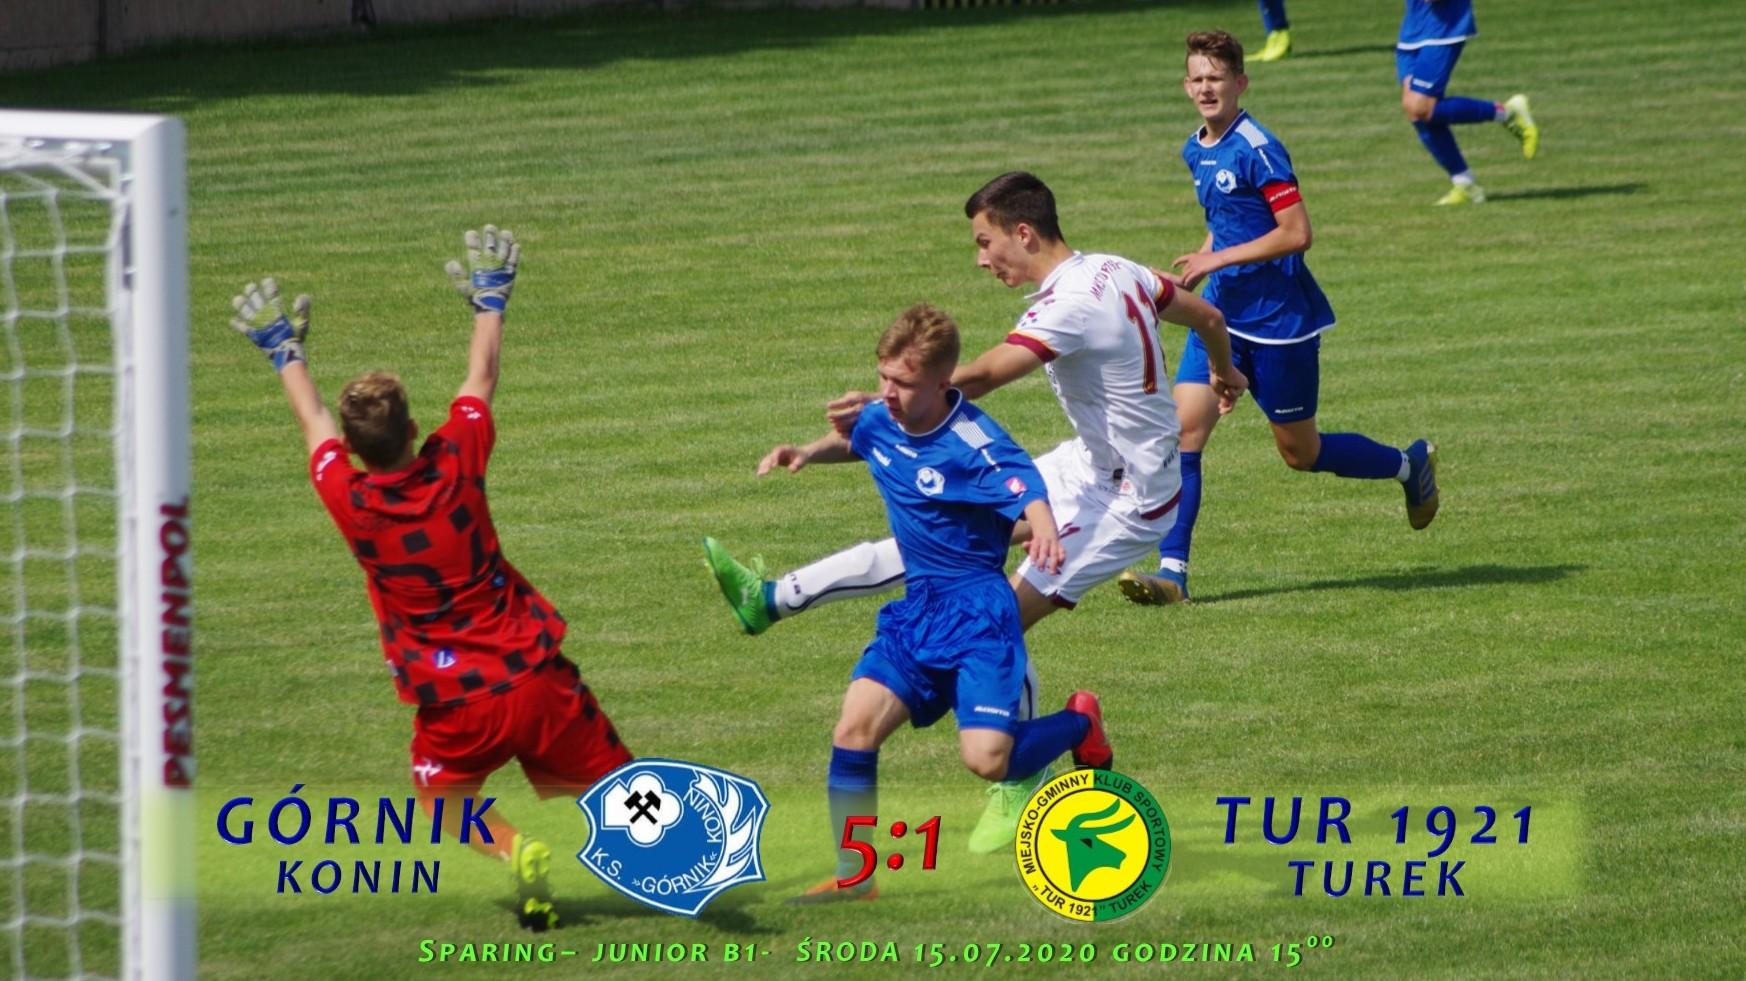 Górnik Konin (2005)- Tur 1921 Turek 5:1, sparing B1